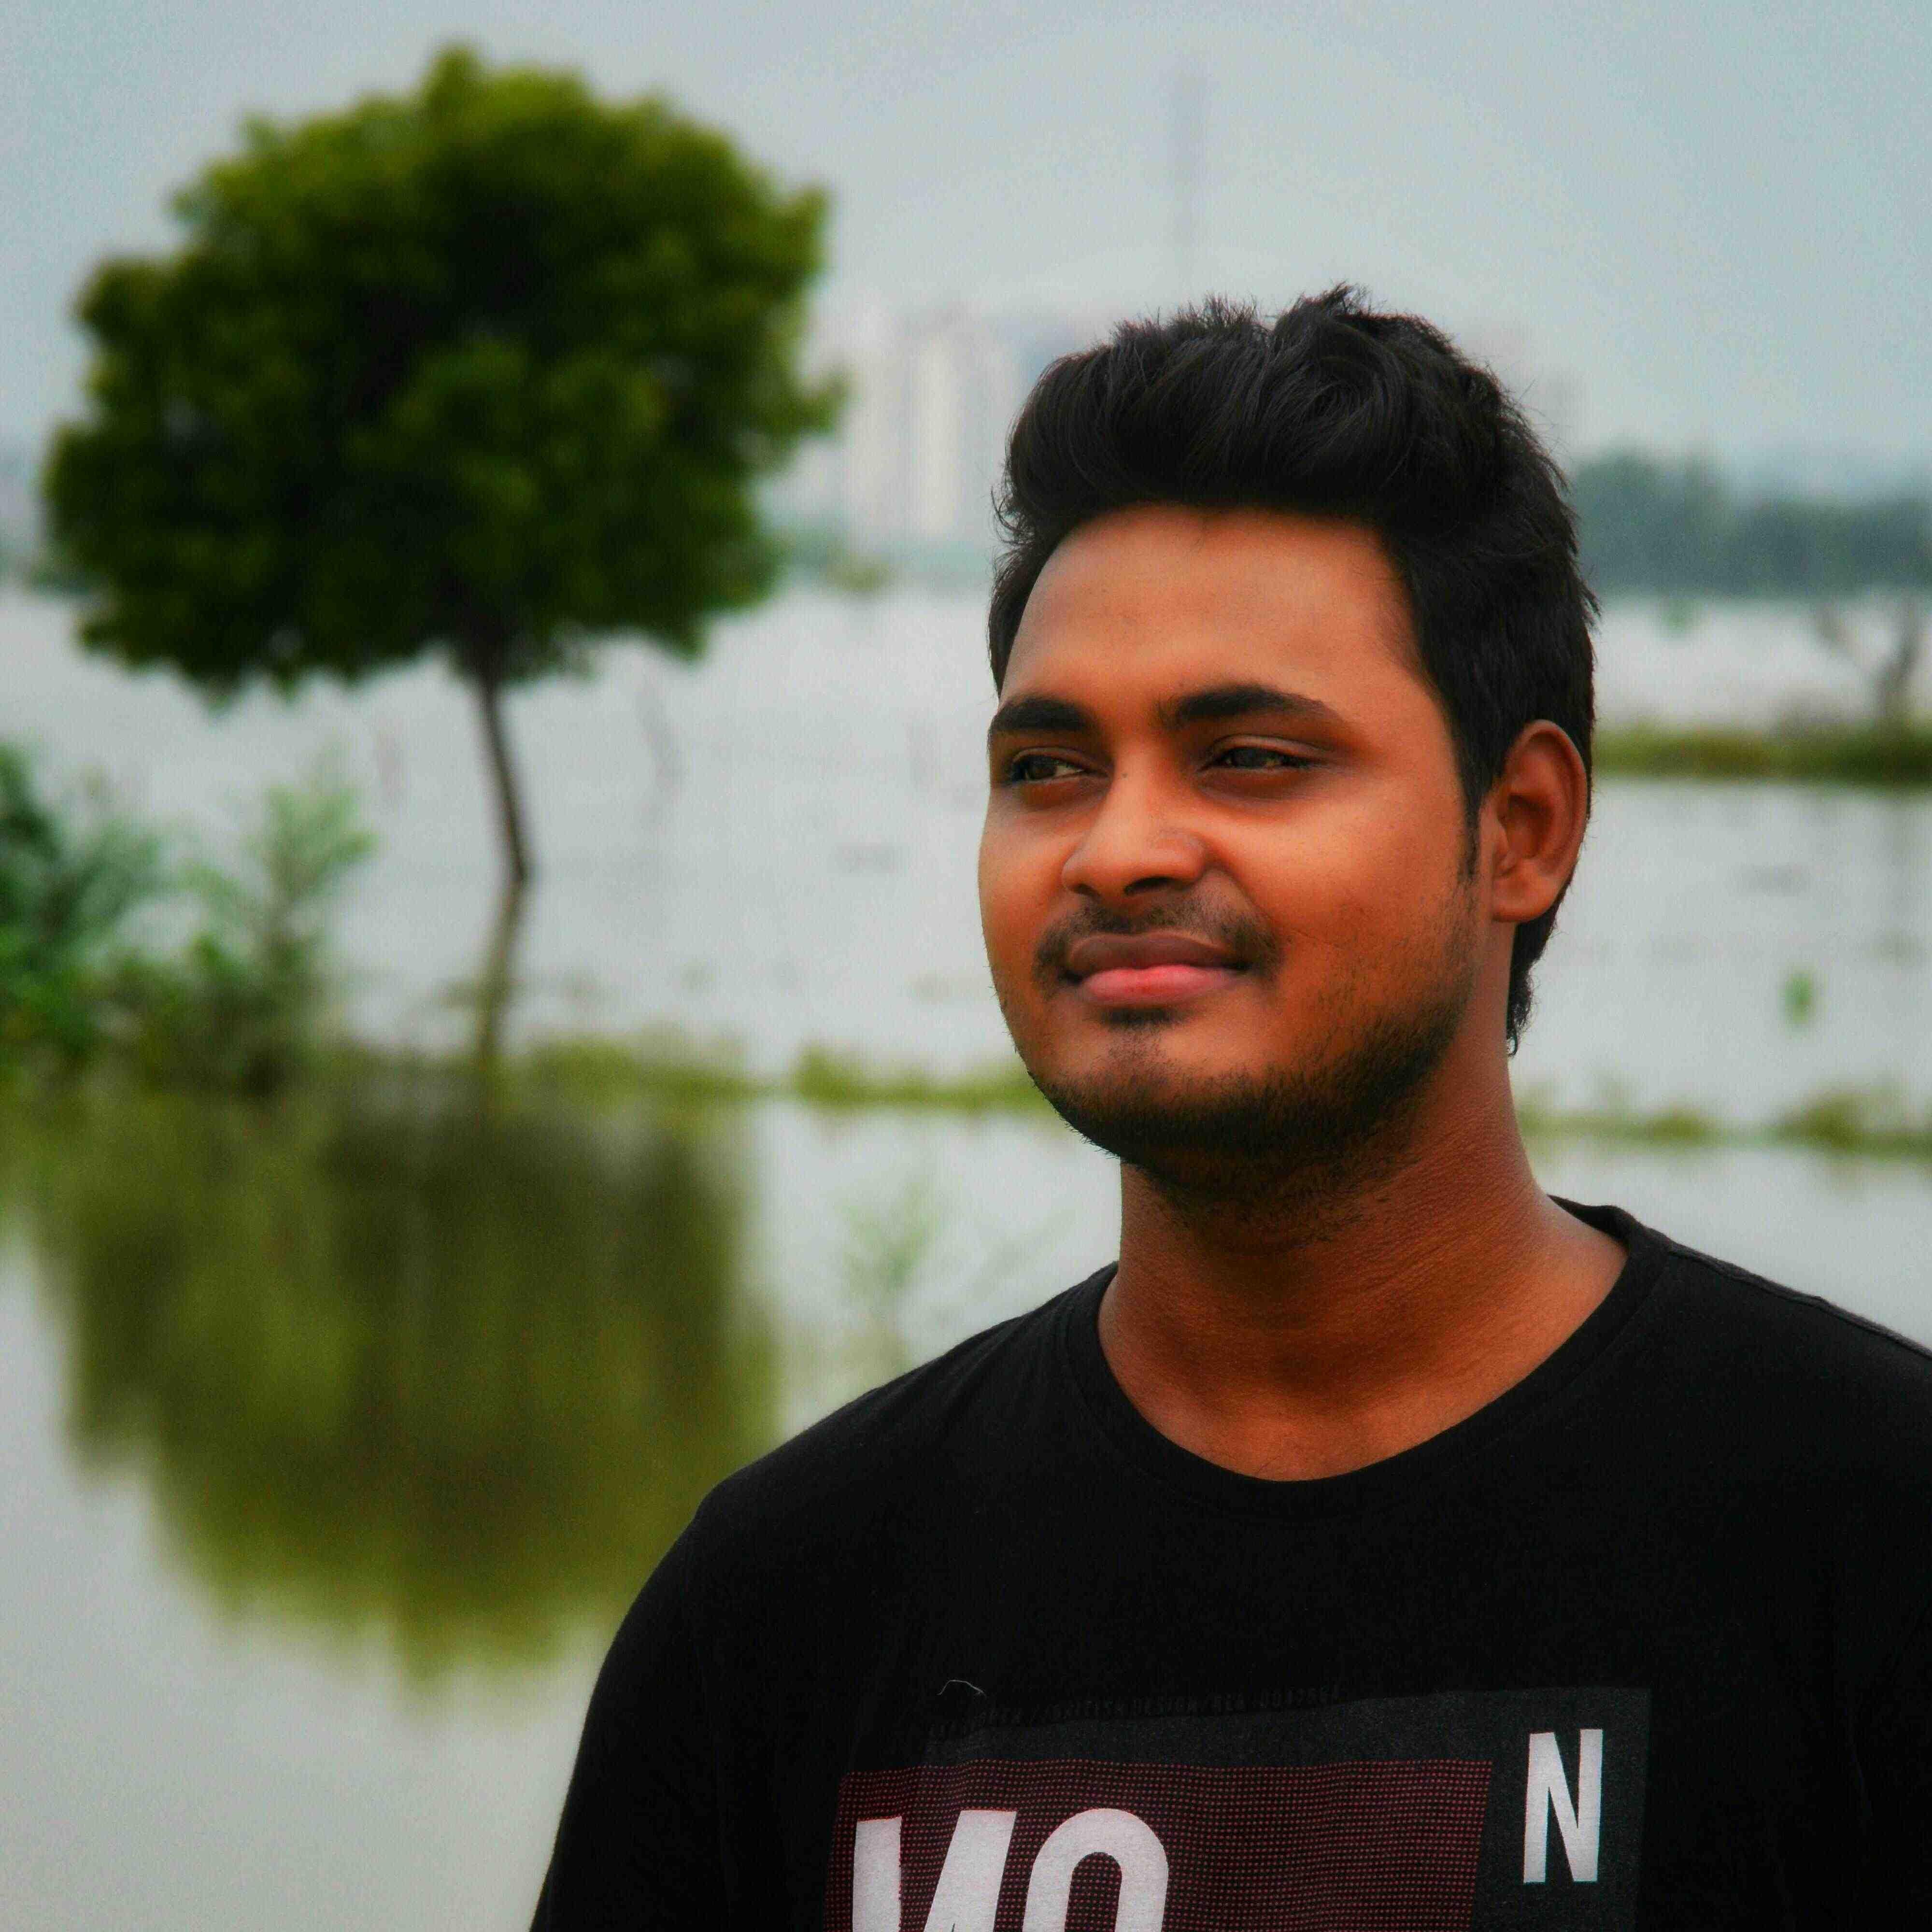 Shashi Kumar Ramshabd